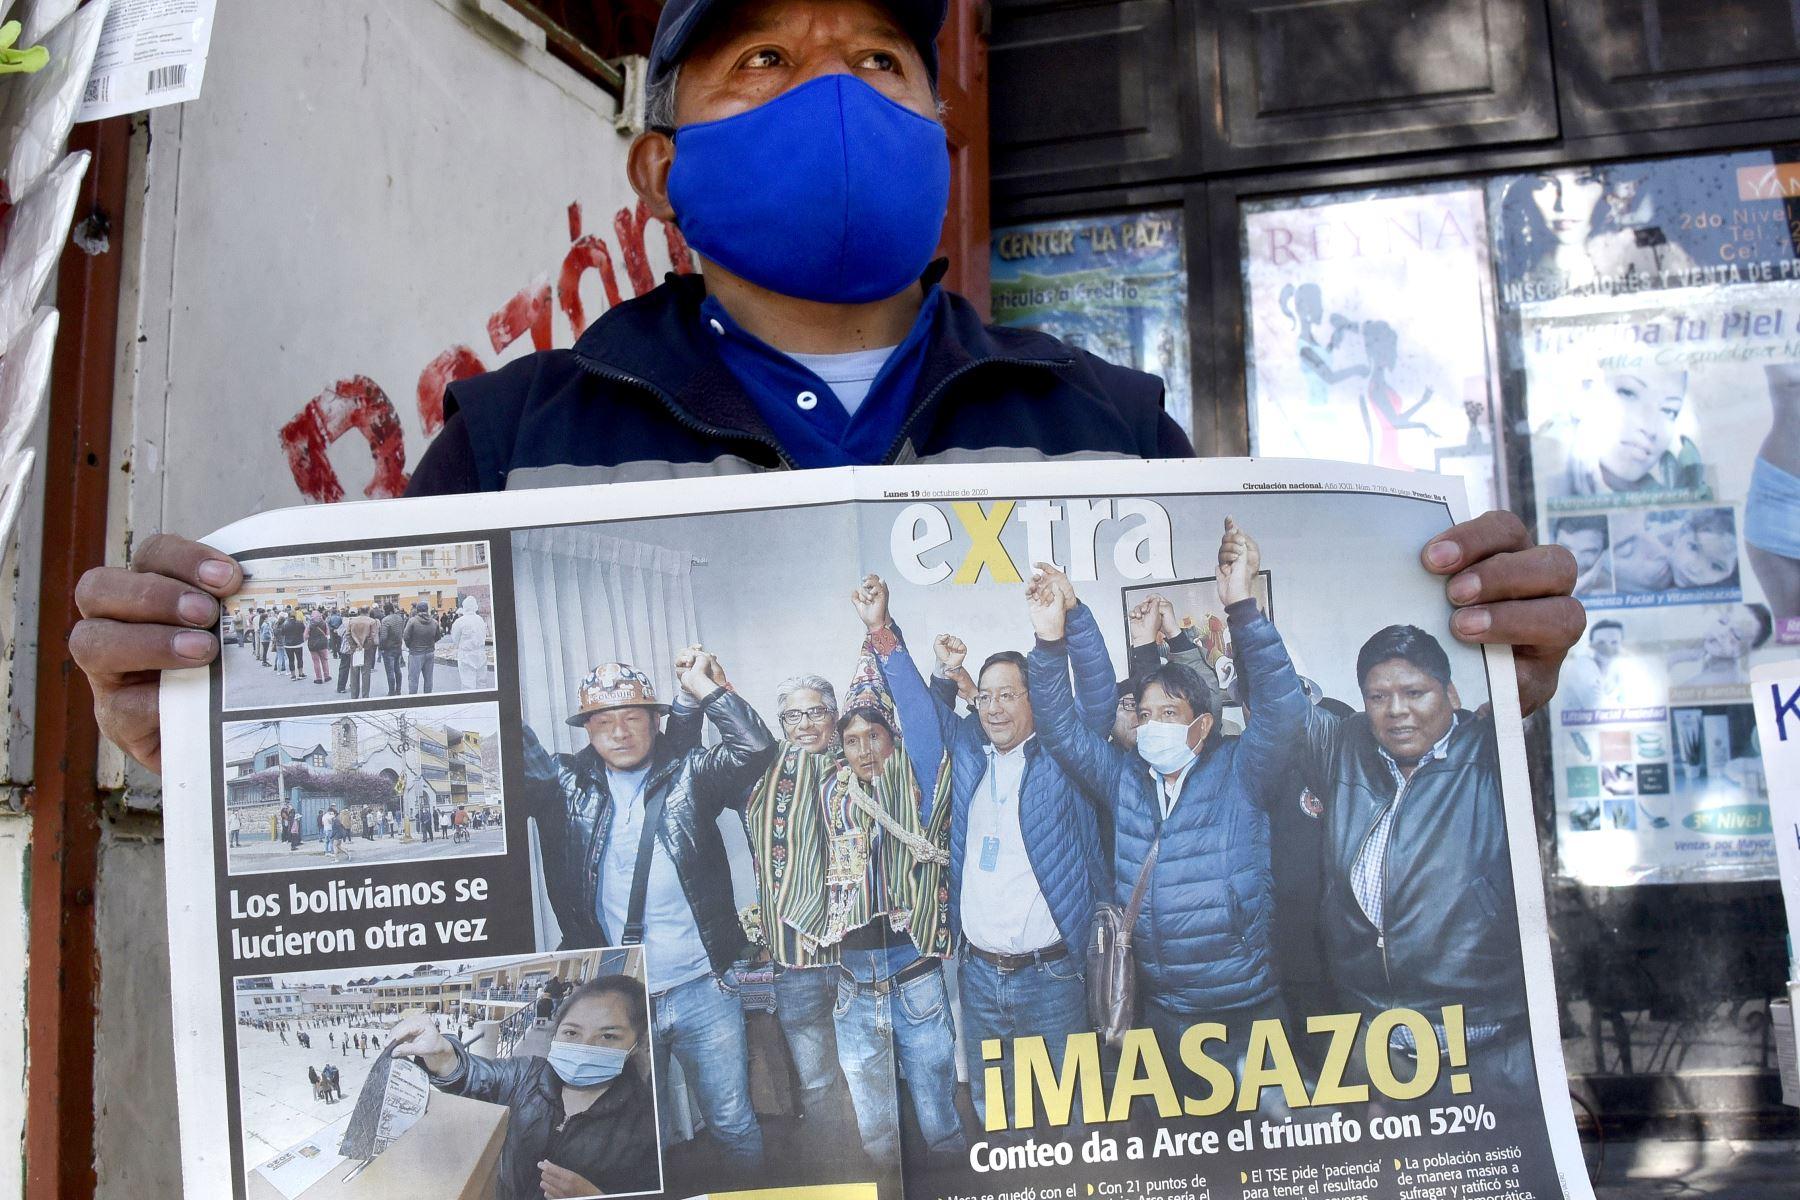 Líderes latinoamericanos saludan triunfo de Luis Arce en Bolivia | Noticias